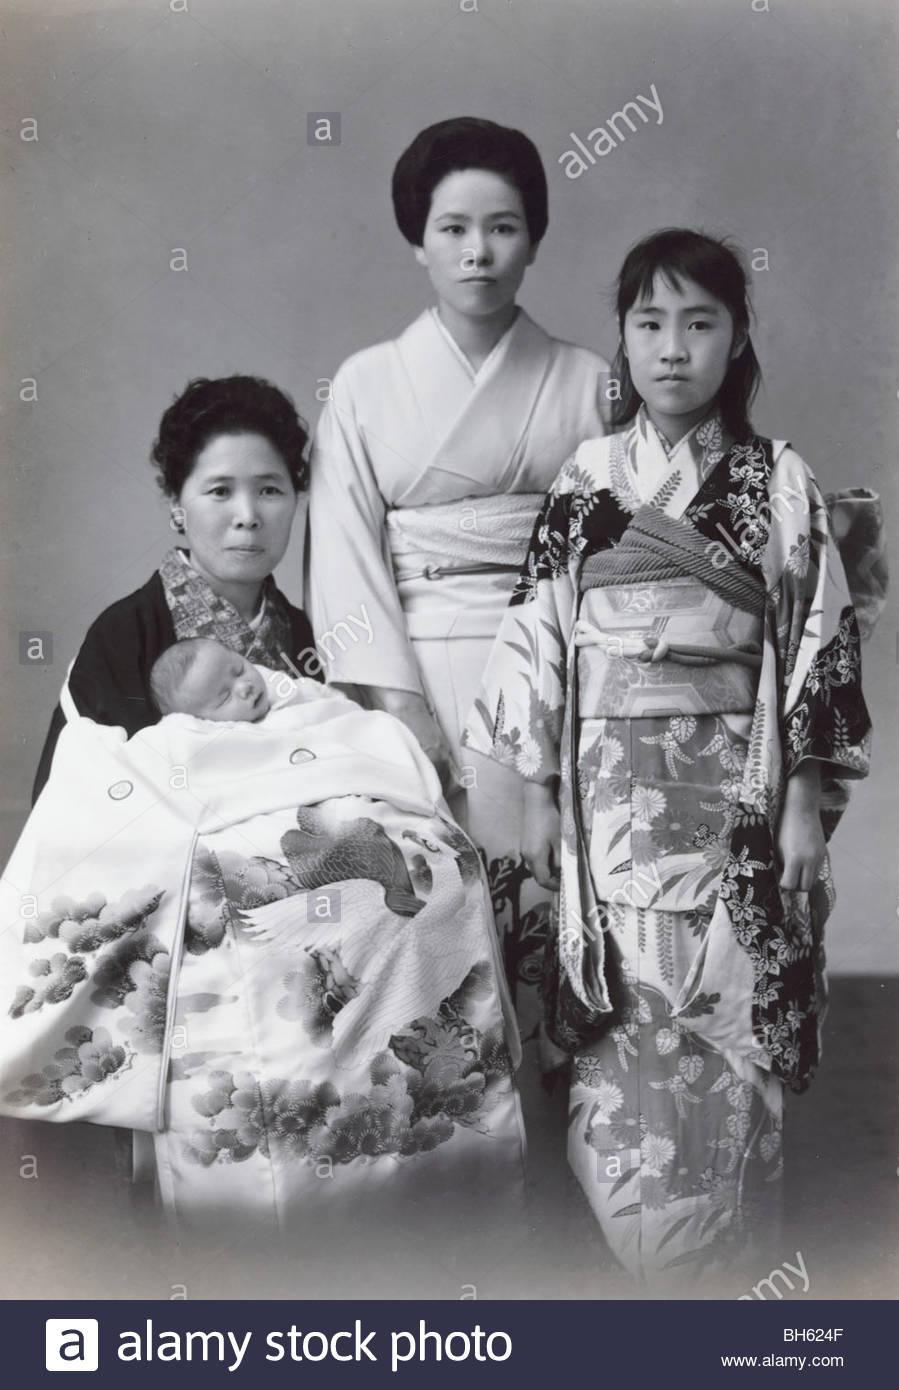 förmliches Porträt von Japanerinnen mit neues Baby geboren 1965 Stockbild